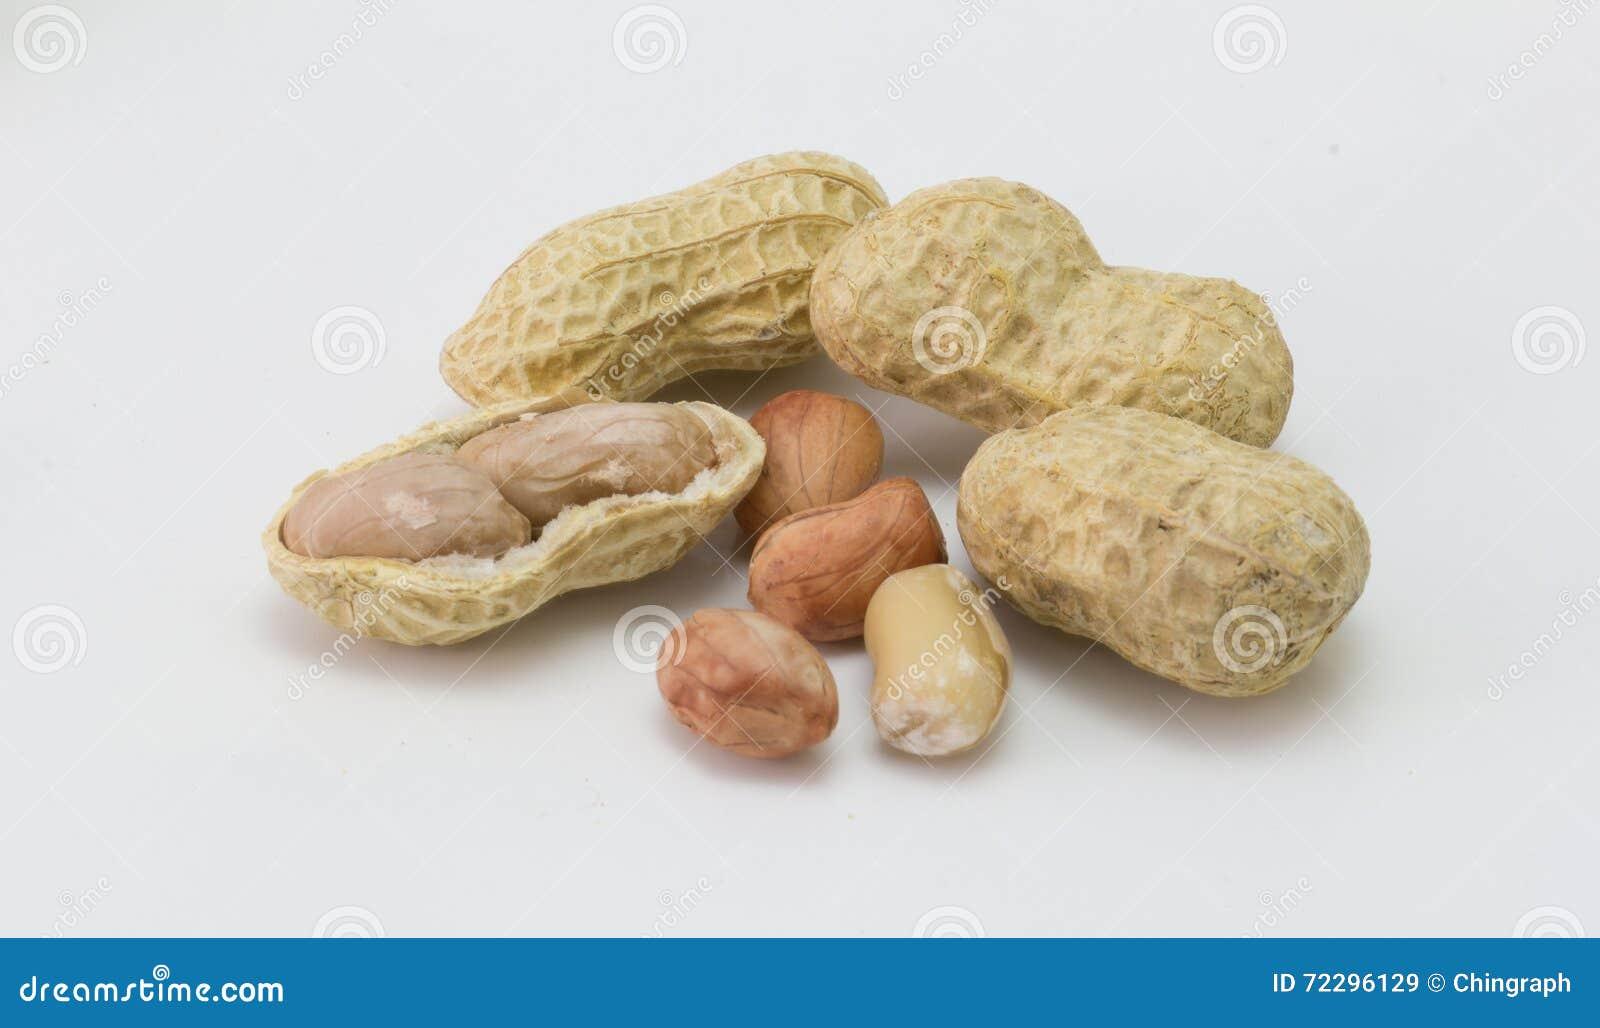 Download Арахис изолированный на белизне, арахис, сухой арахис Стоковое Изображение - изображение насчитывающей здорово, арахис: 72296129